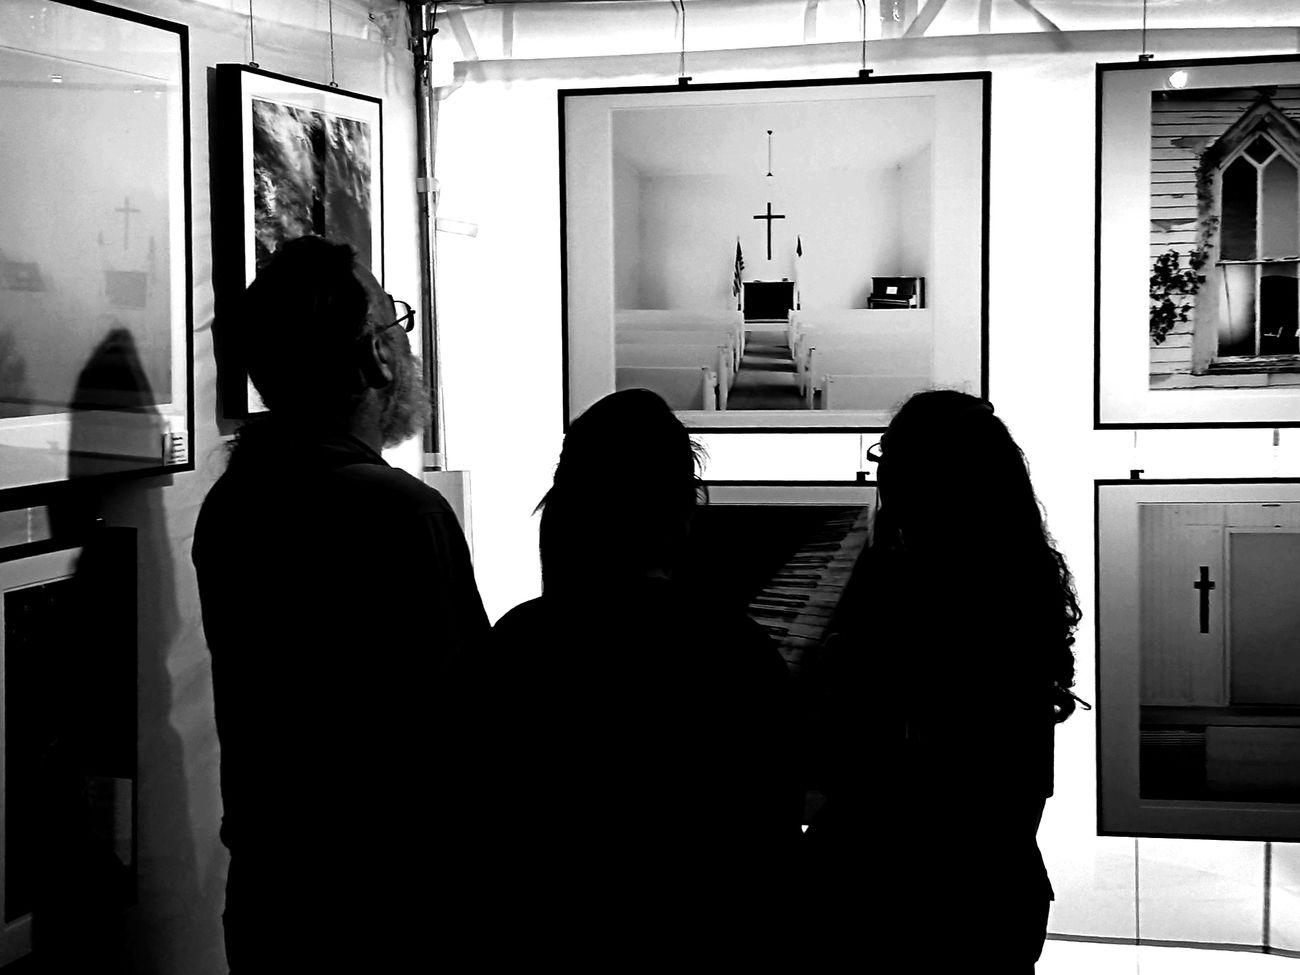 Art Art Fair Black & White Church Comtemplation Praise Rear View Vintage